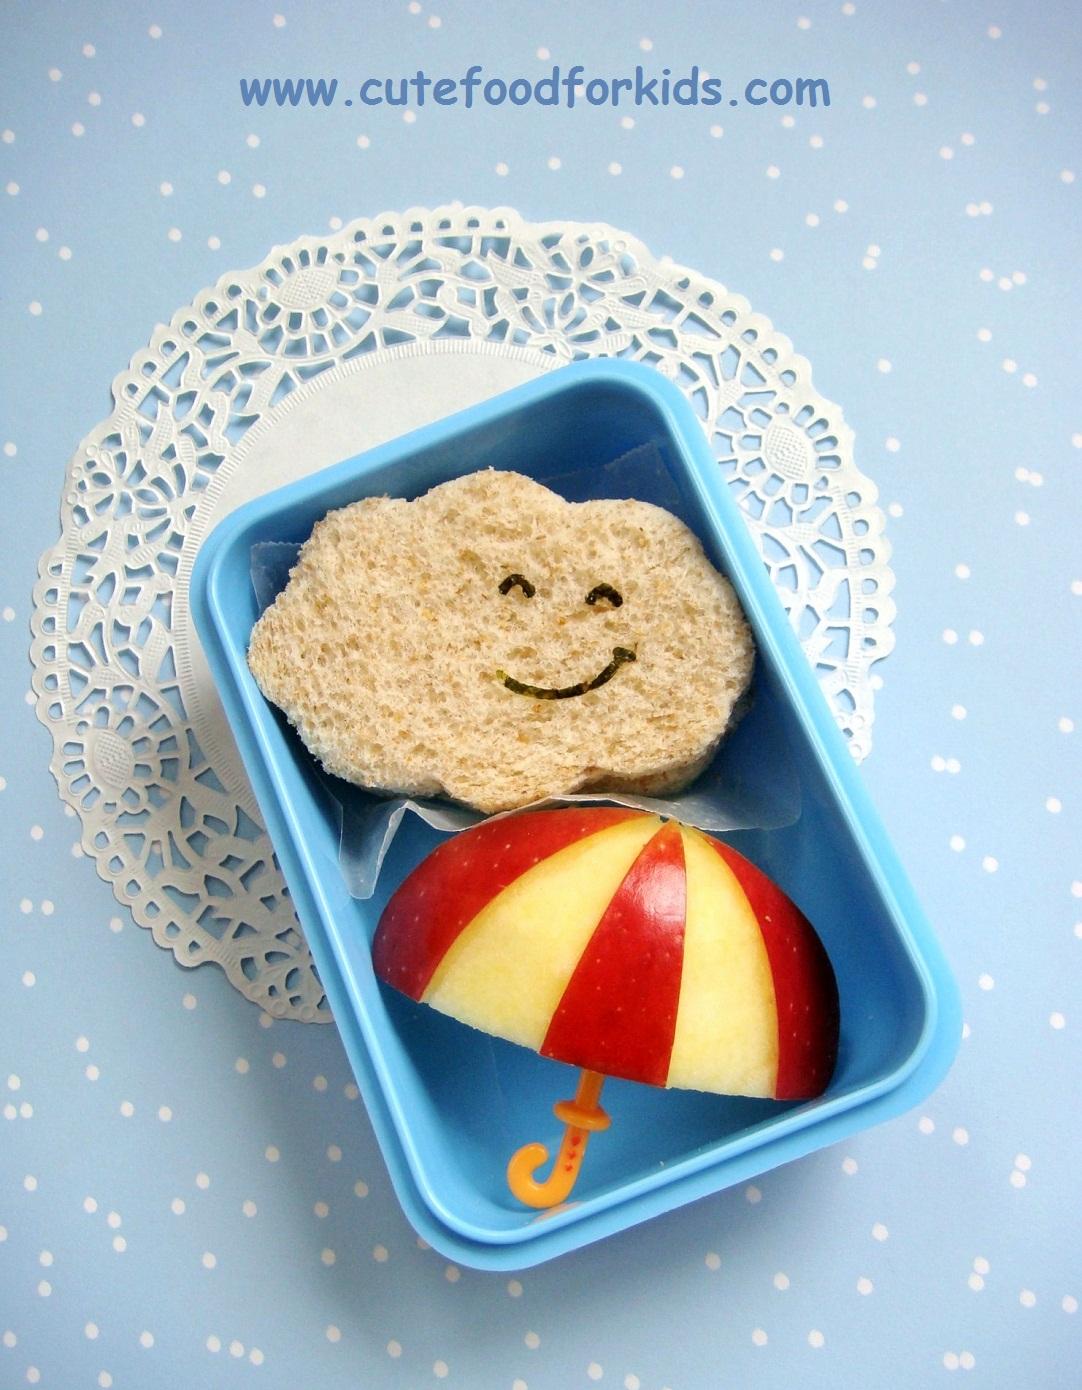 kids lunch ideas 2